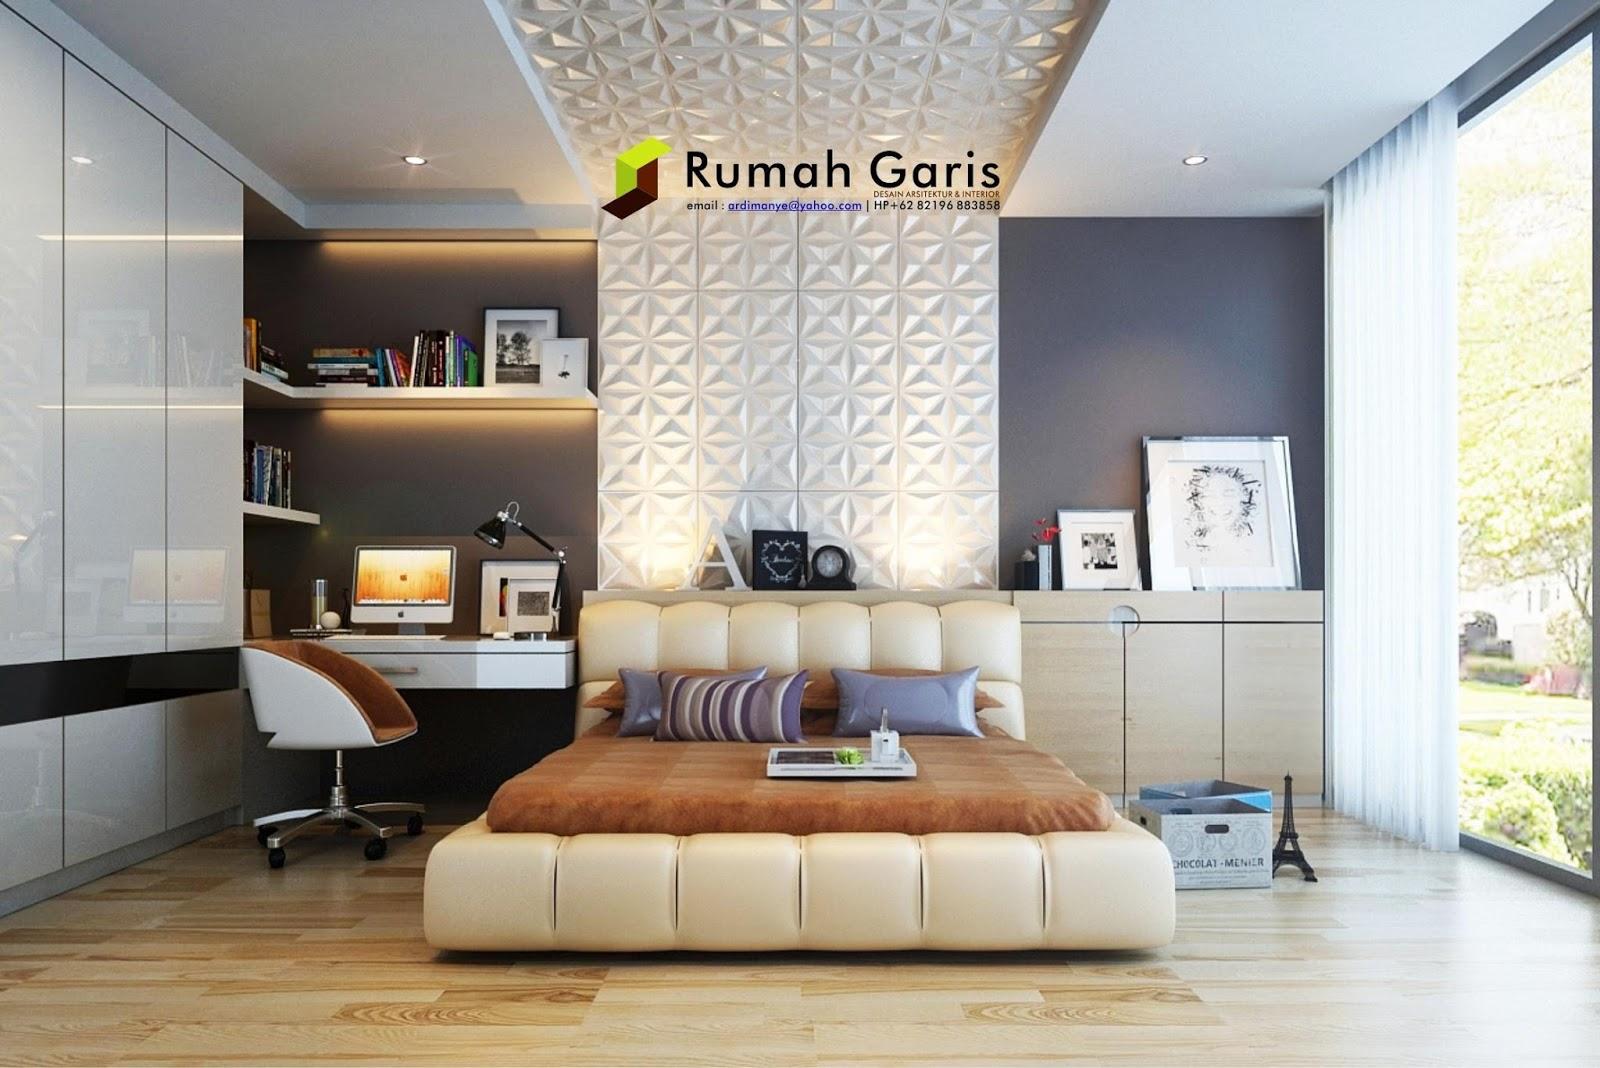 Kumpulan desain interior kamar tidur 3d render by rumah garis rumah garis - Gambar interior design ...